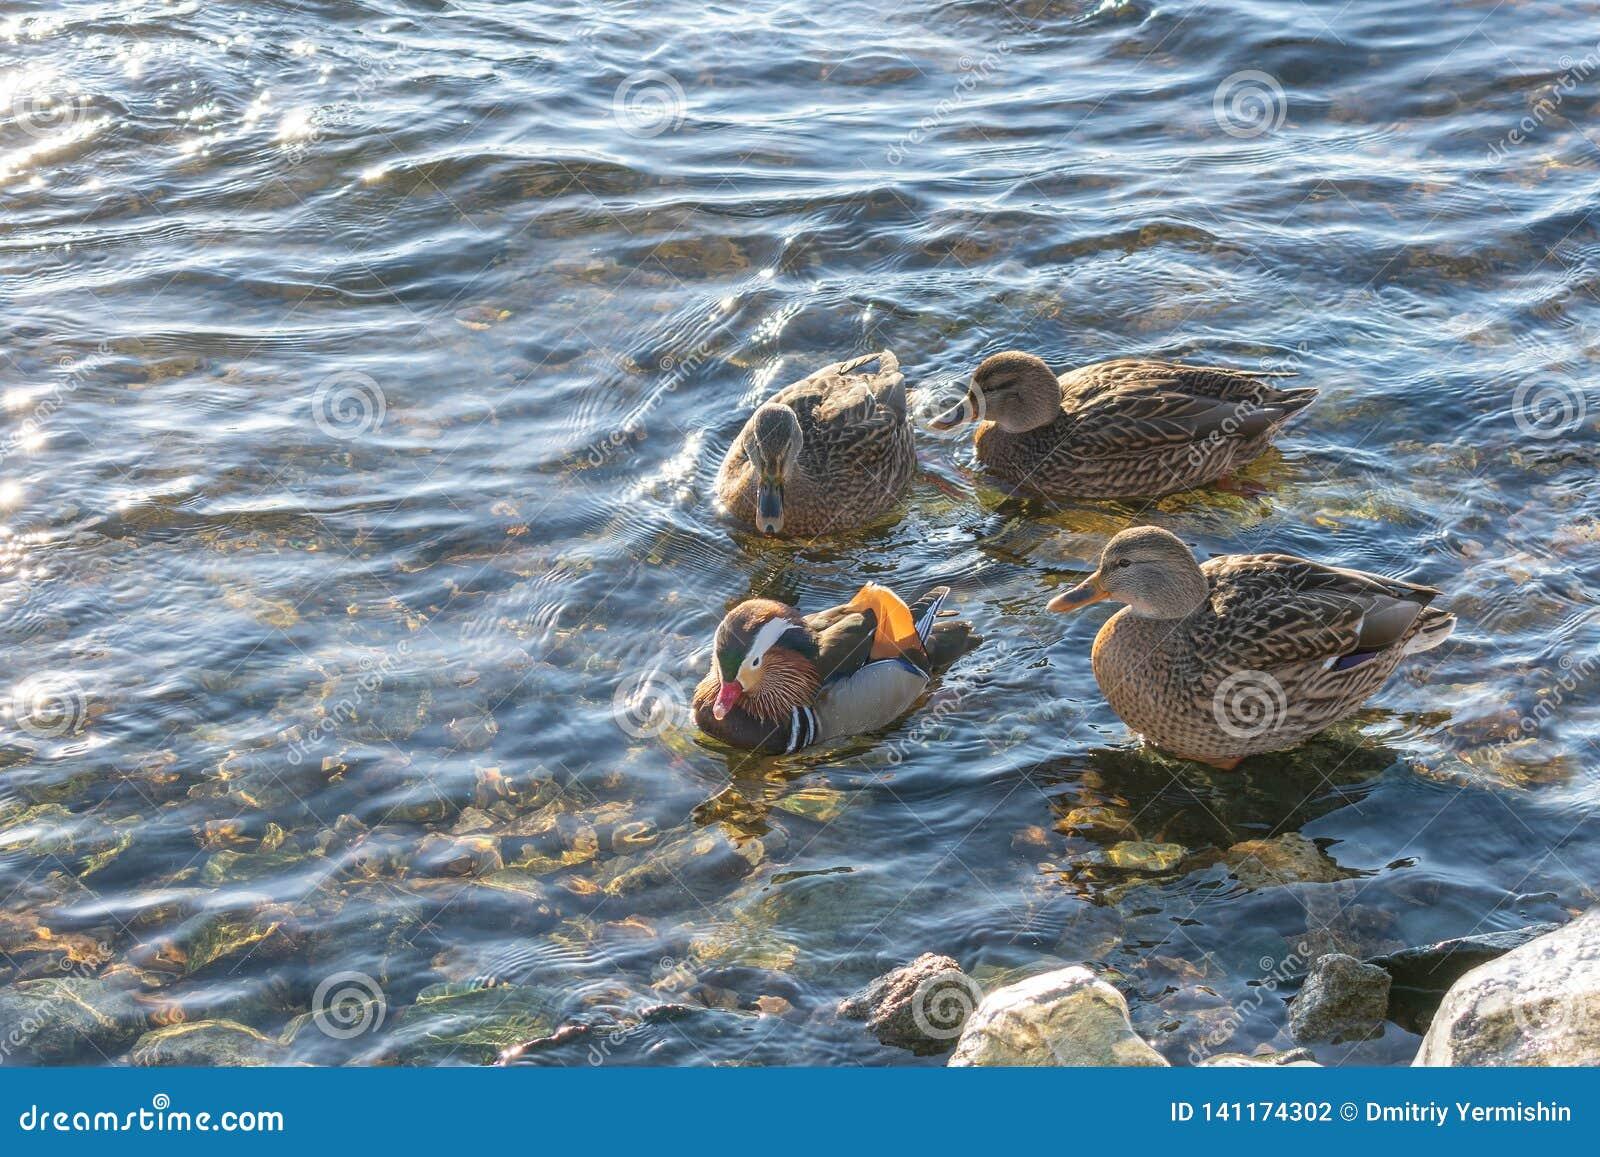 Одна утка мандарина и 3 простых утки рядом В воде